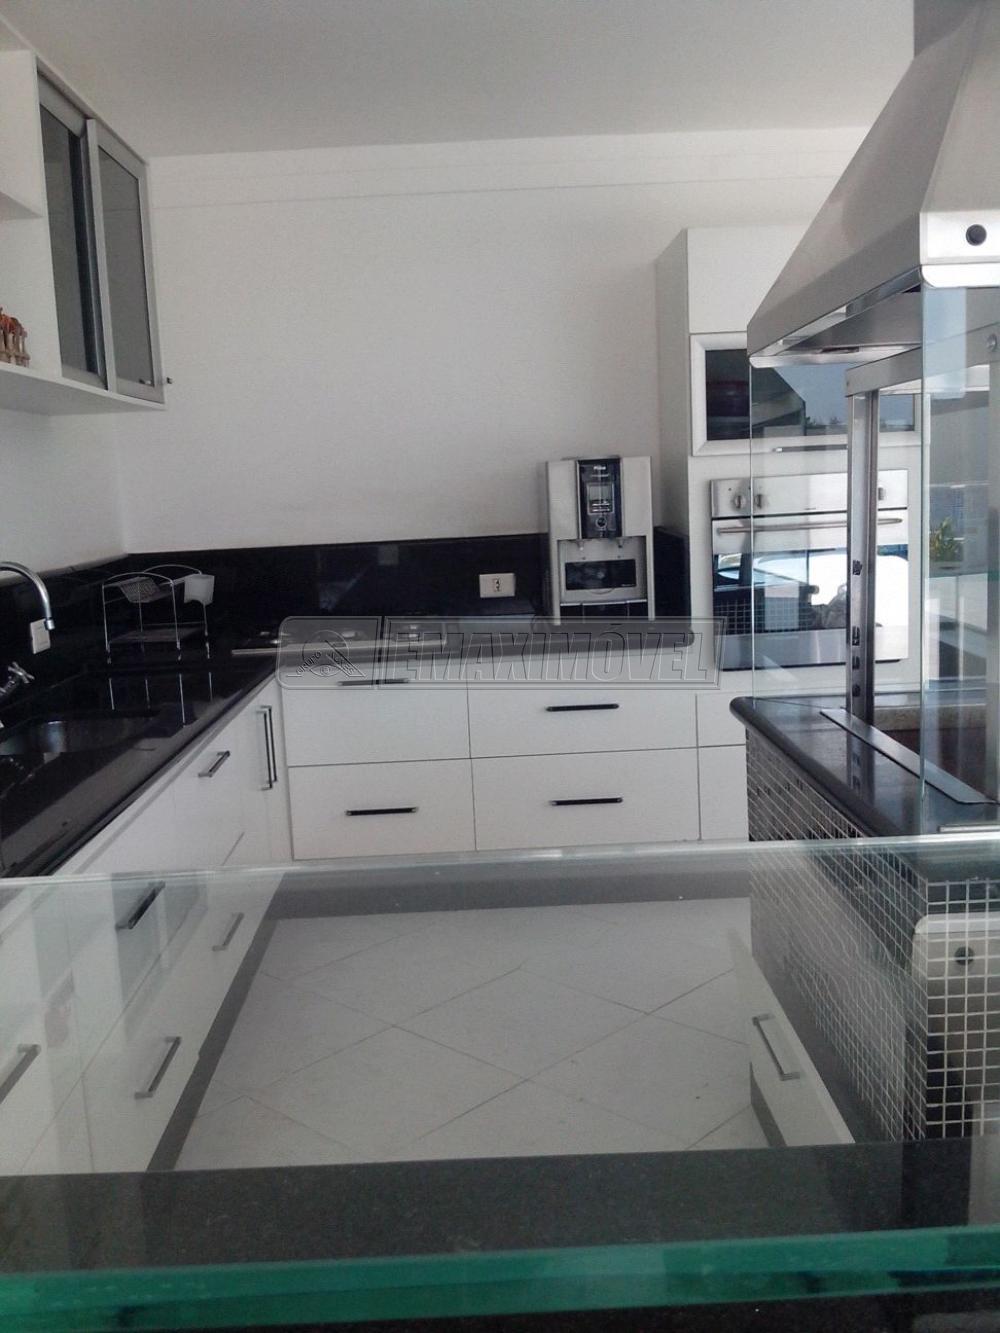 Comprar Casas / em Condomínios em Itu R$ 1.860.000,00 - Foto 23